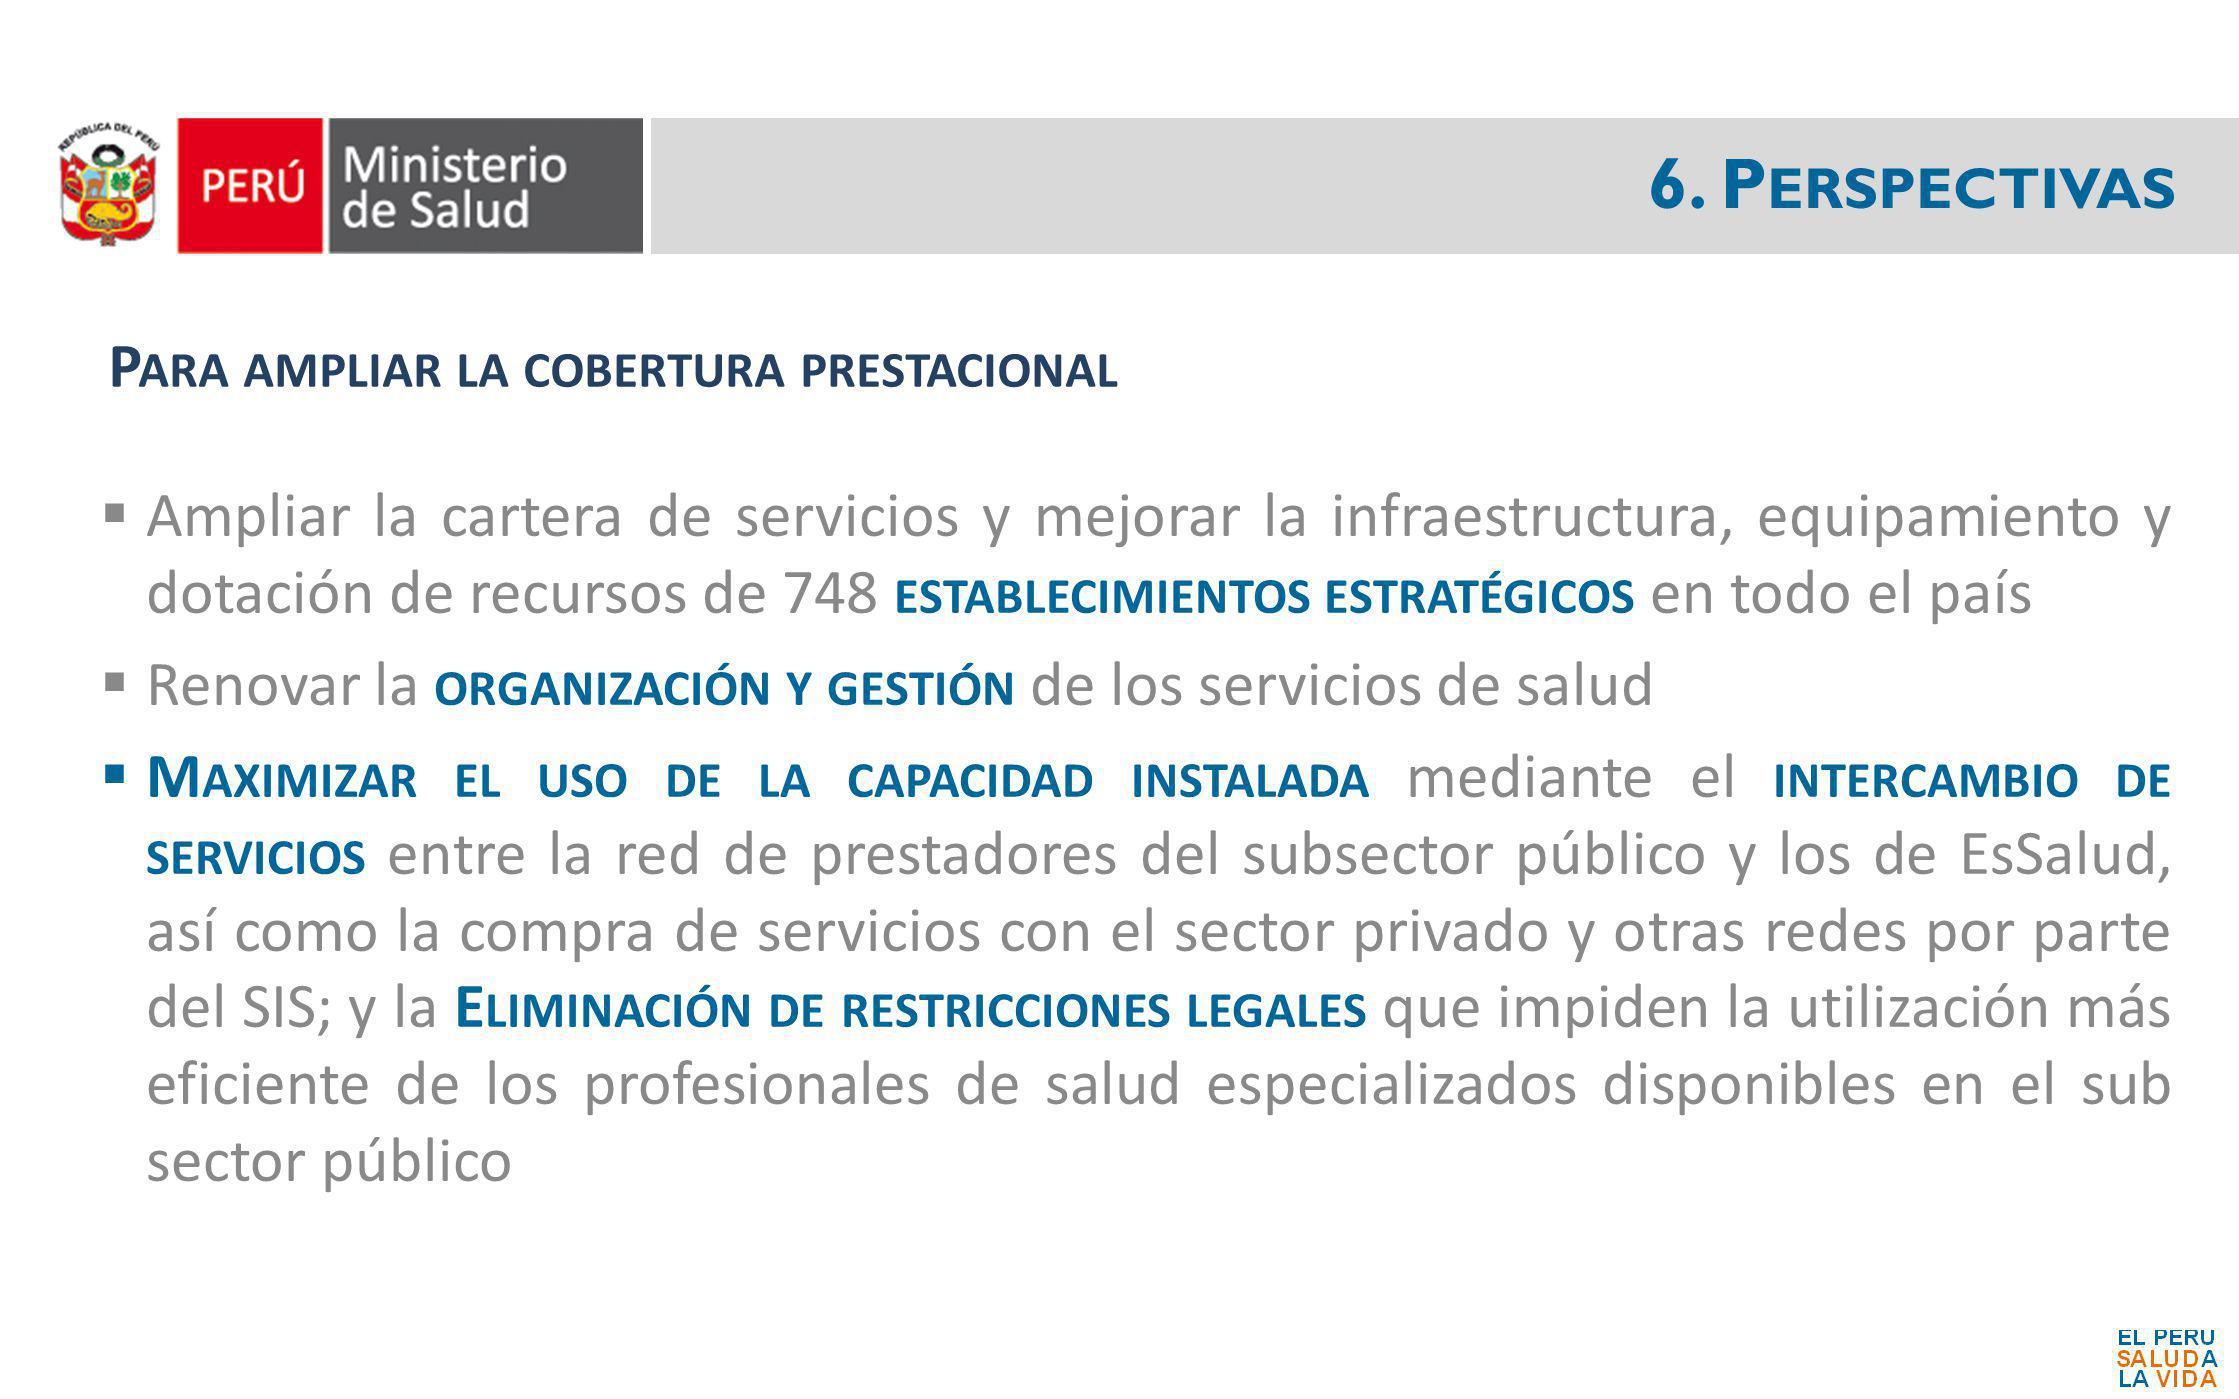 6. P ERSPECTIVAS Ampliar la cartera de servicios y mejorar la infraestructura, equipamiento y dotación de recursos de 748 ESTABLECIMIENTOS ESTRATÉGICO